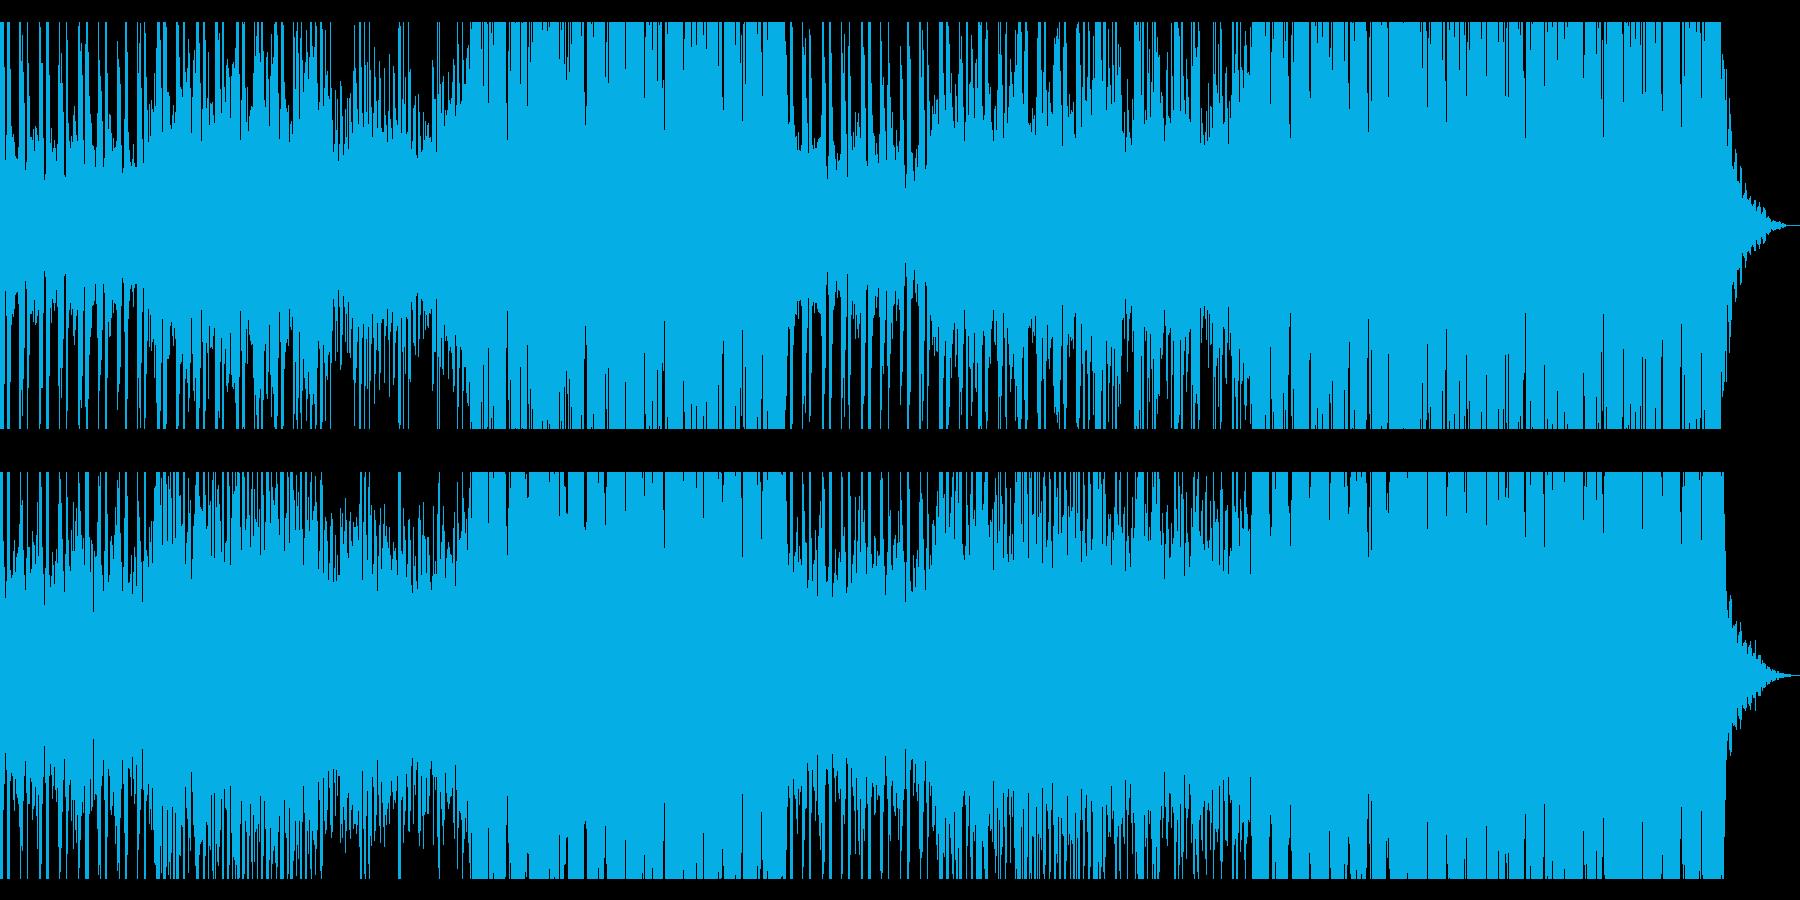 洋楽系トロピカルハウス チルアウトの再生済みの波形